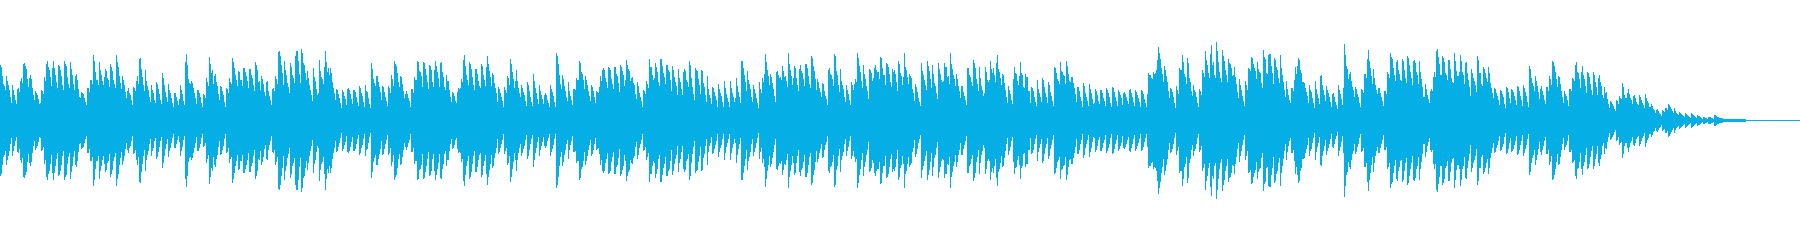 8bitクラシック-パヴァーヌ-の再生済みの波形